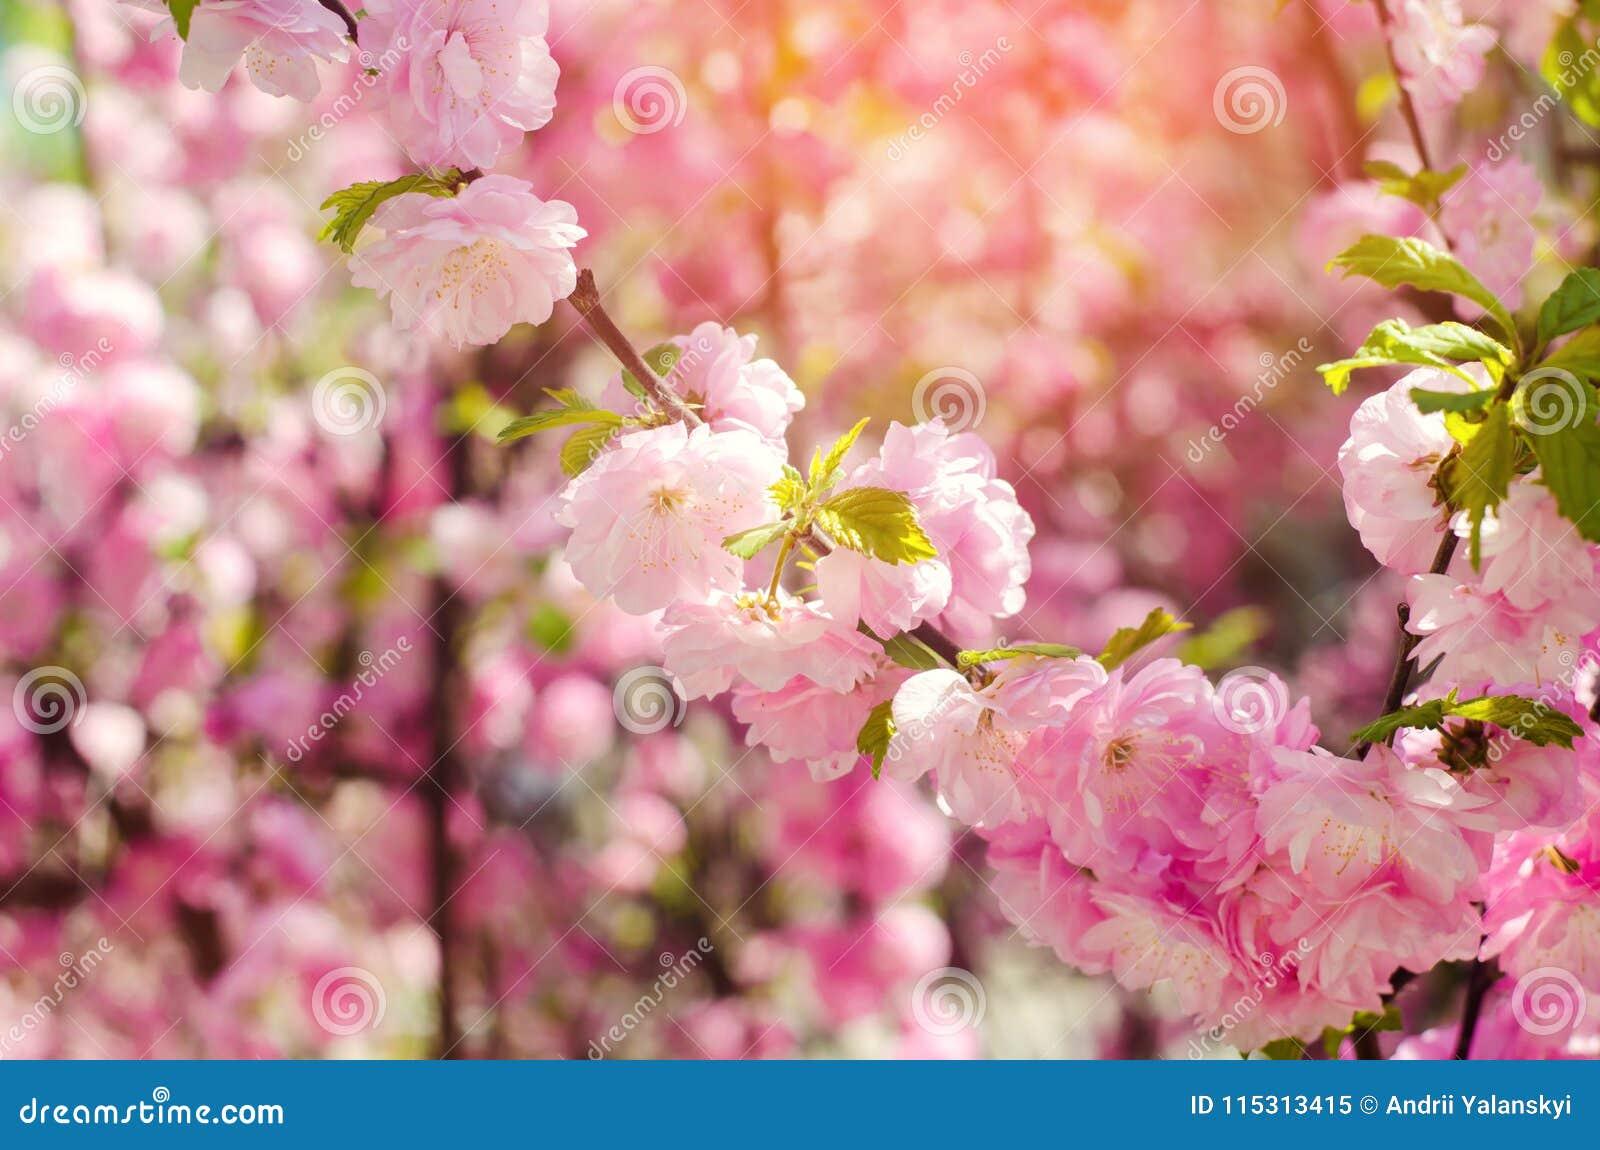 Carta Da Parati Fiori Di Ciliegio : Un cespuglio di rose fiorisce in primavera con i fiori rosa carta